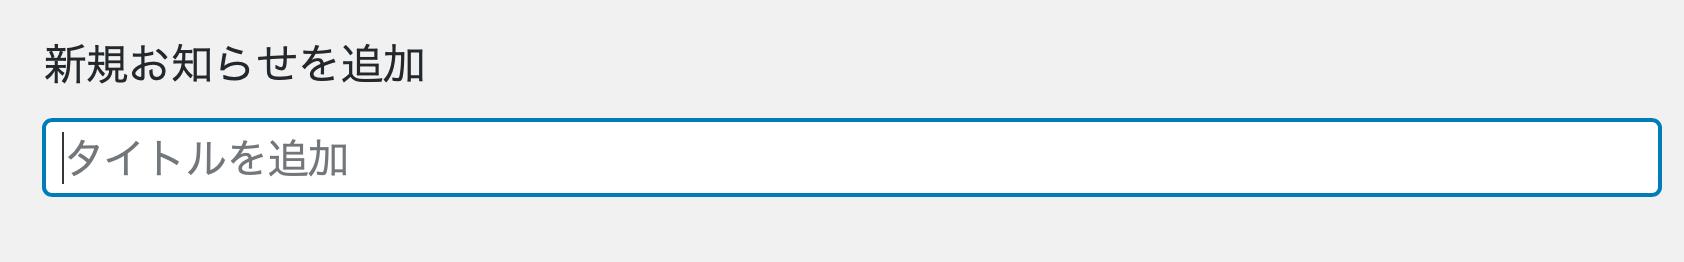 新規追加画面へのタイトルのラベル表示